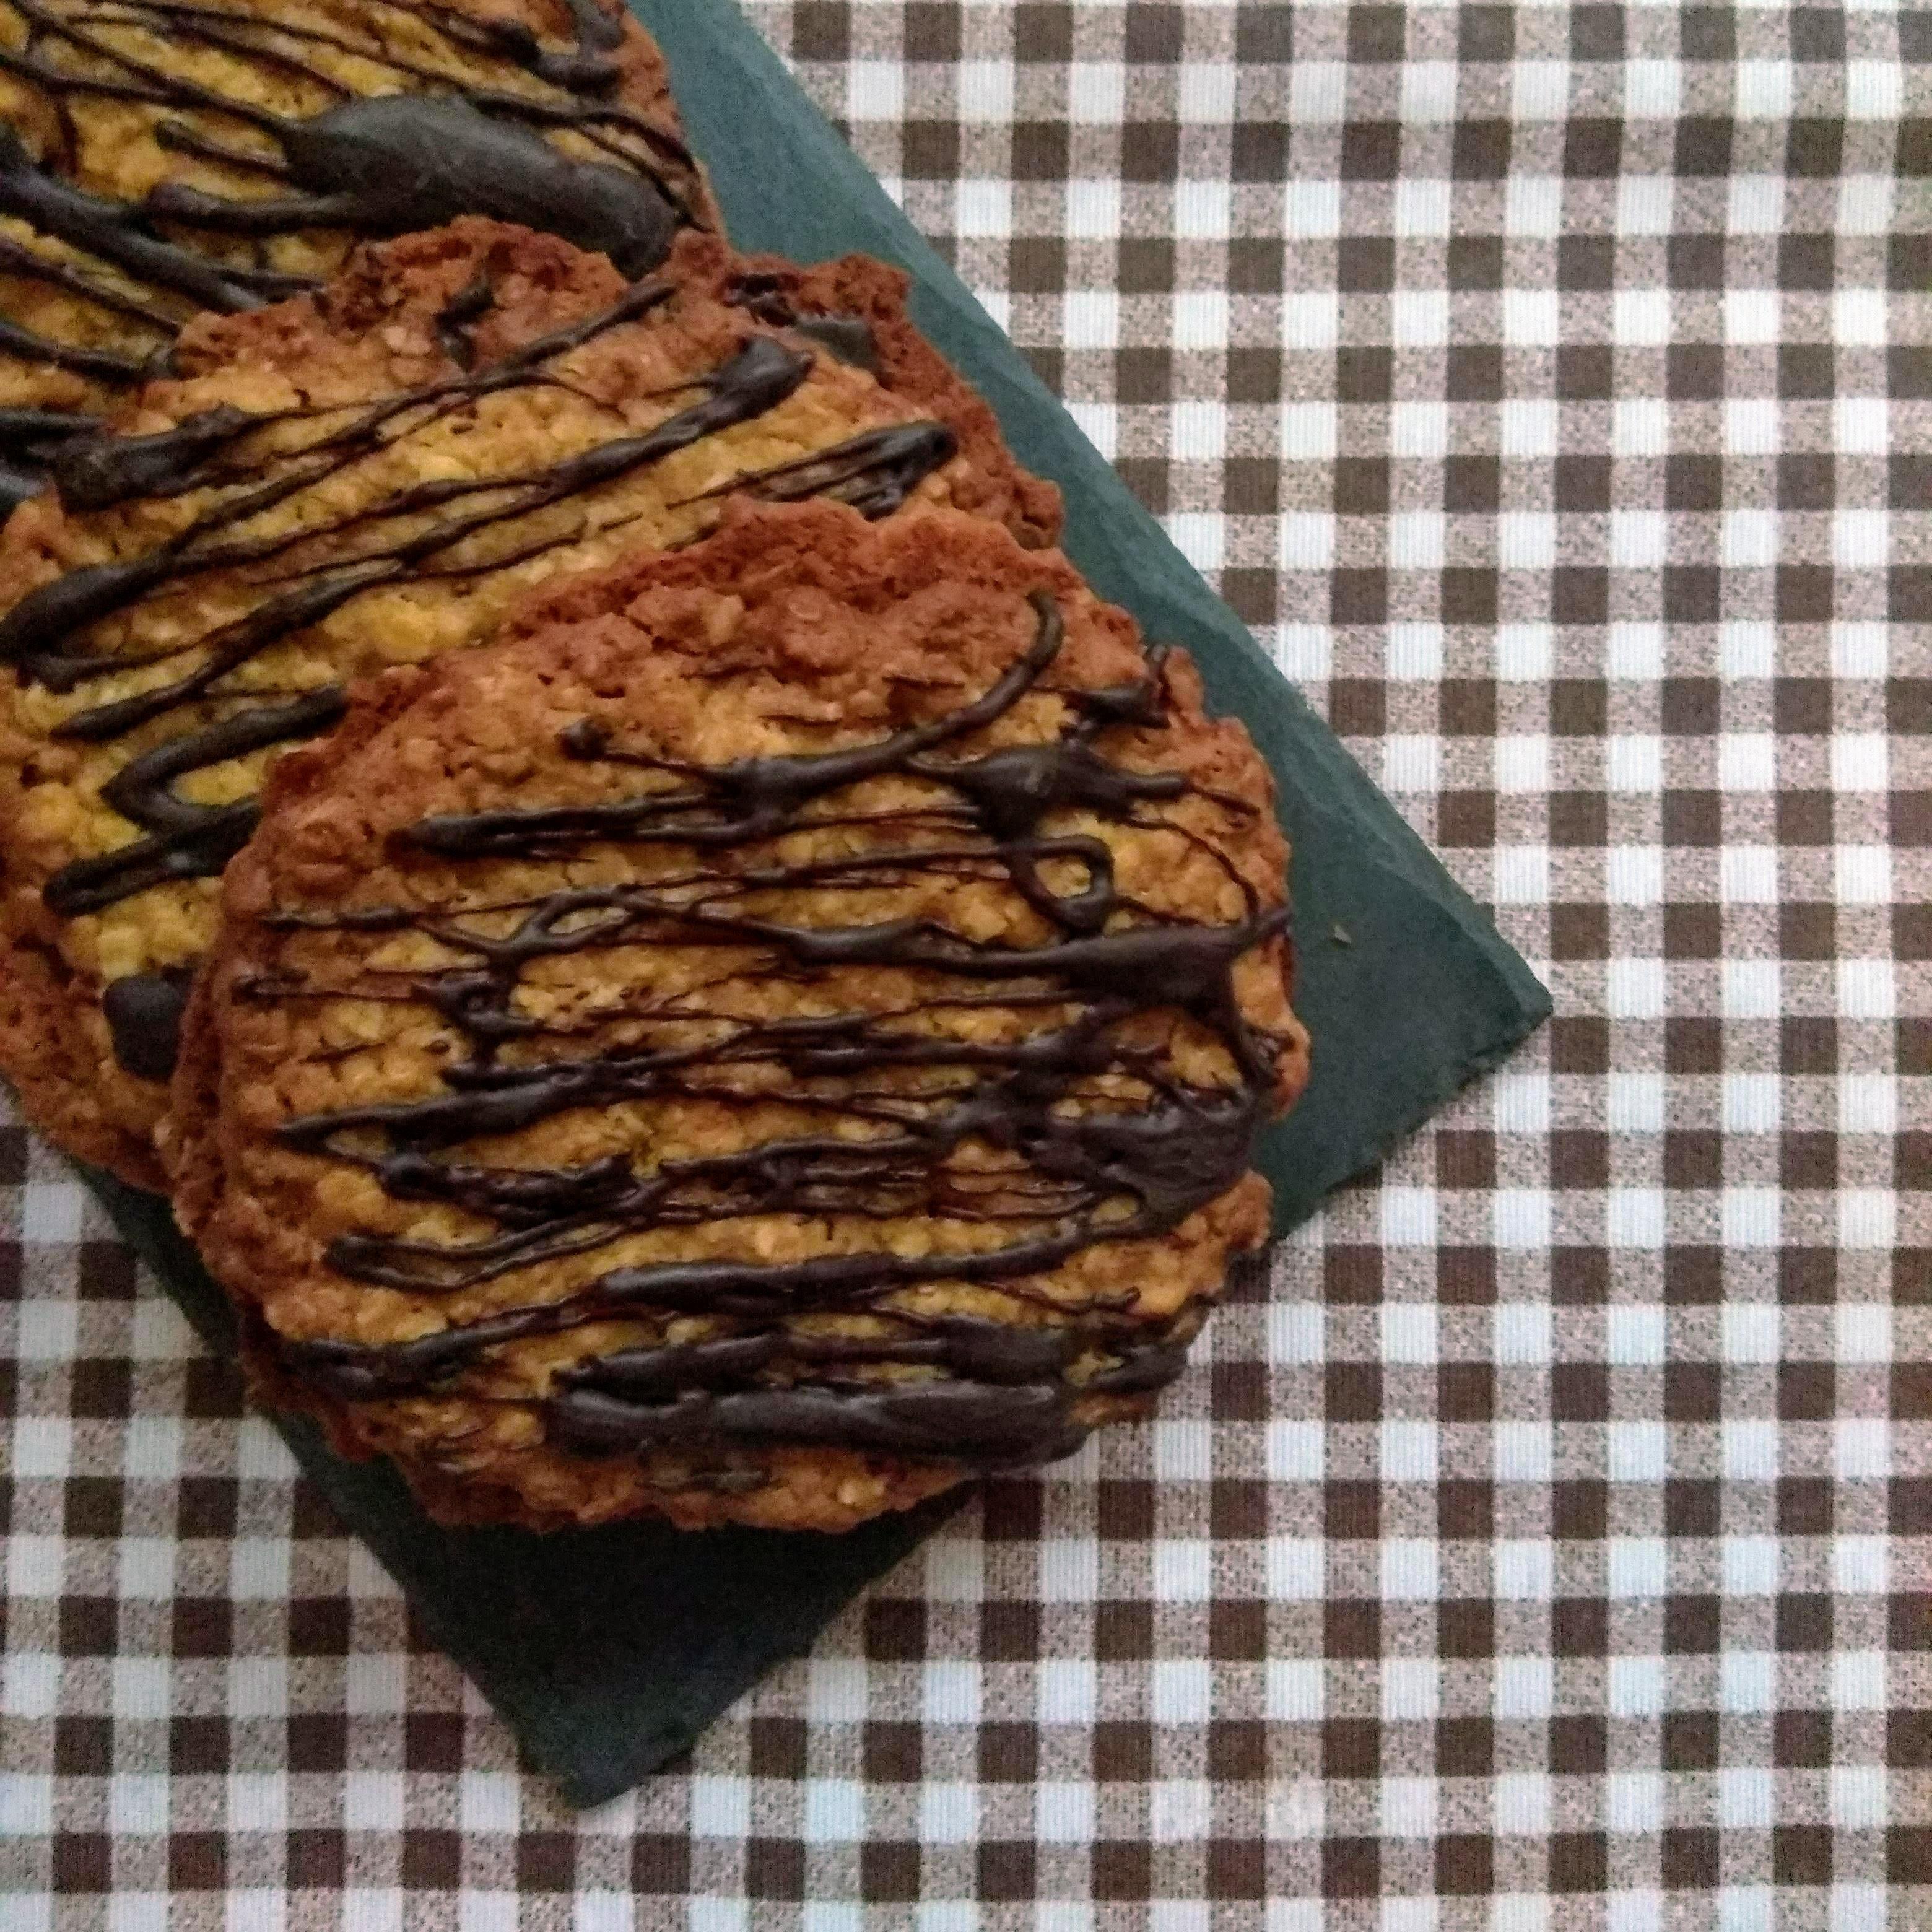 Receta de galletas de avena con chocolate (estilo ikea). Descúbrela en: www.cocinandoconlola.com